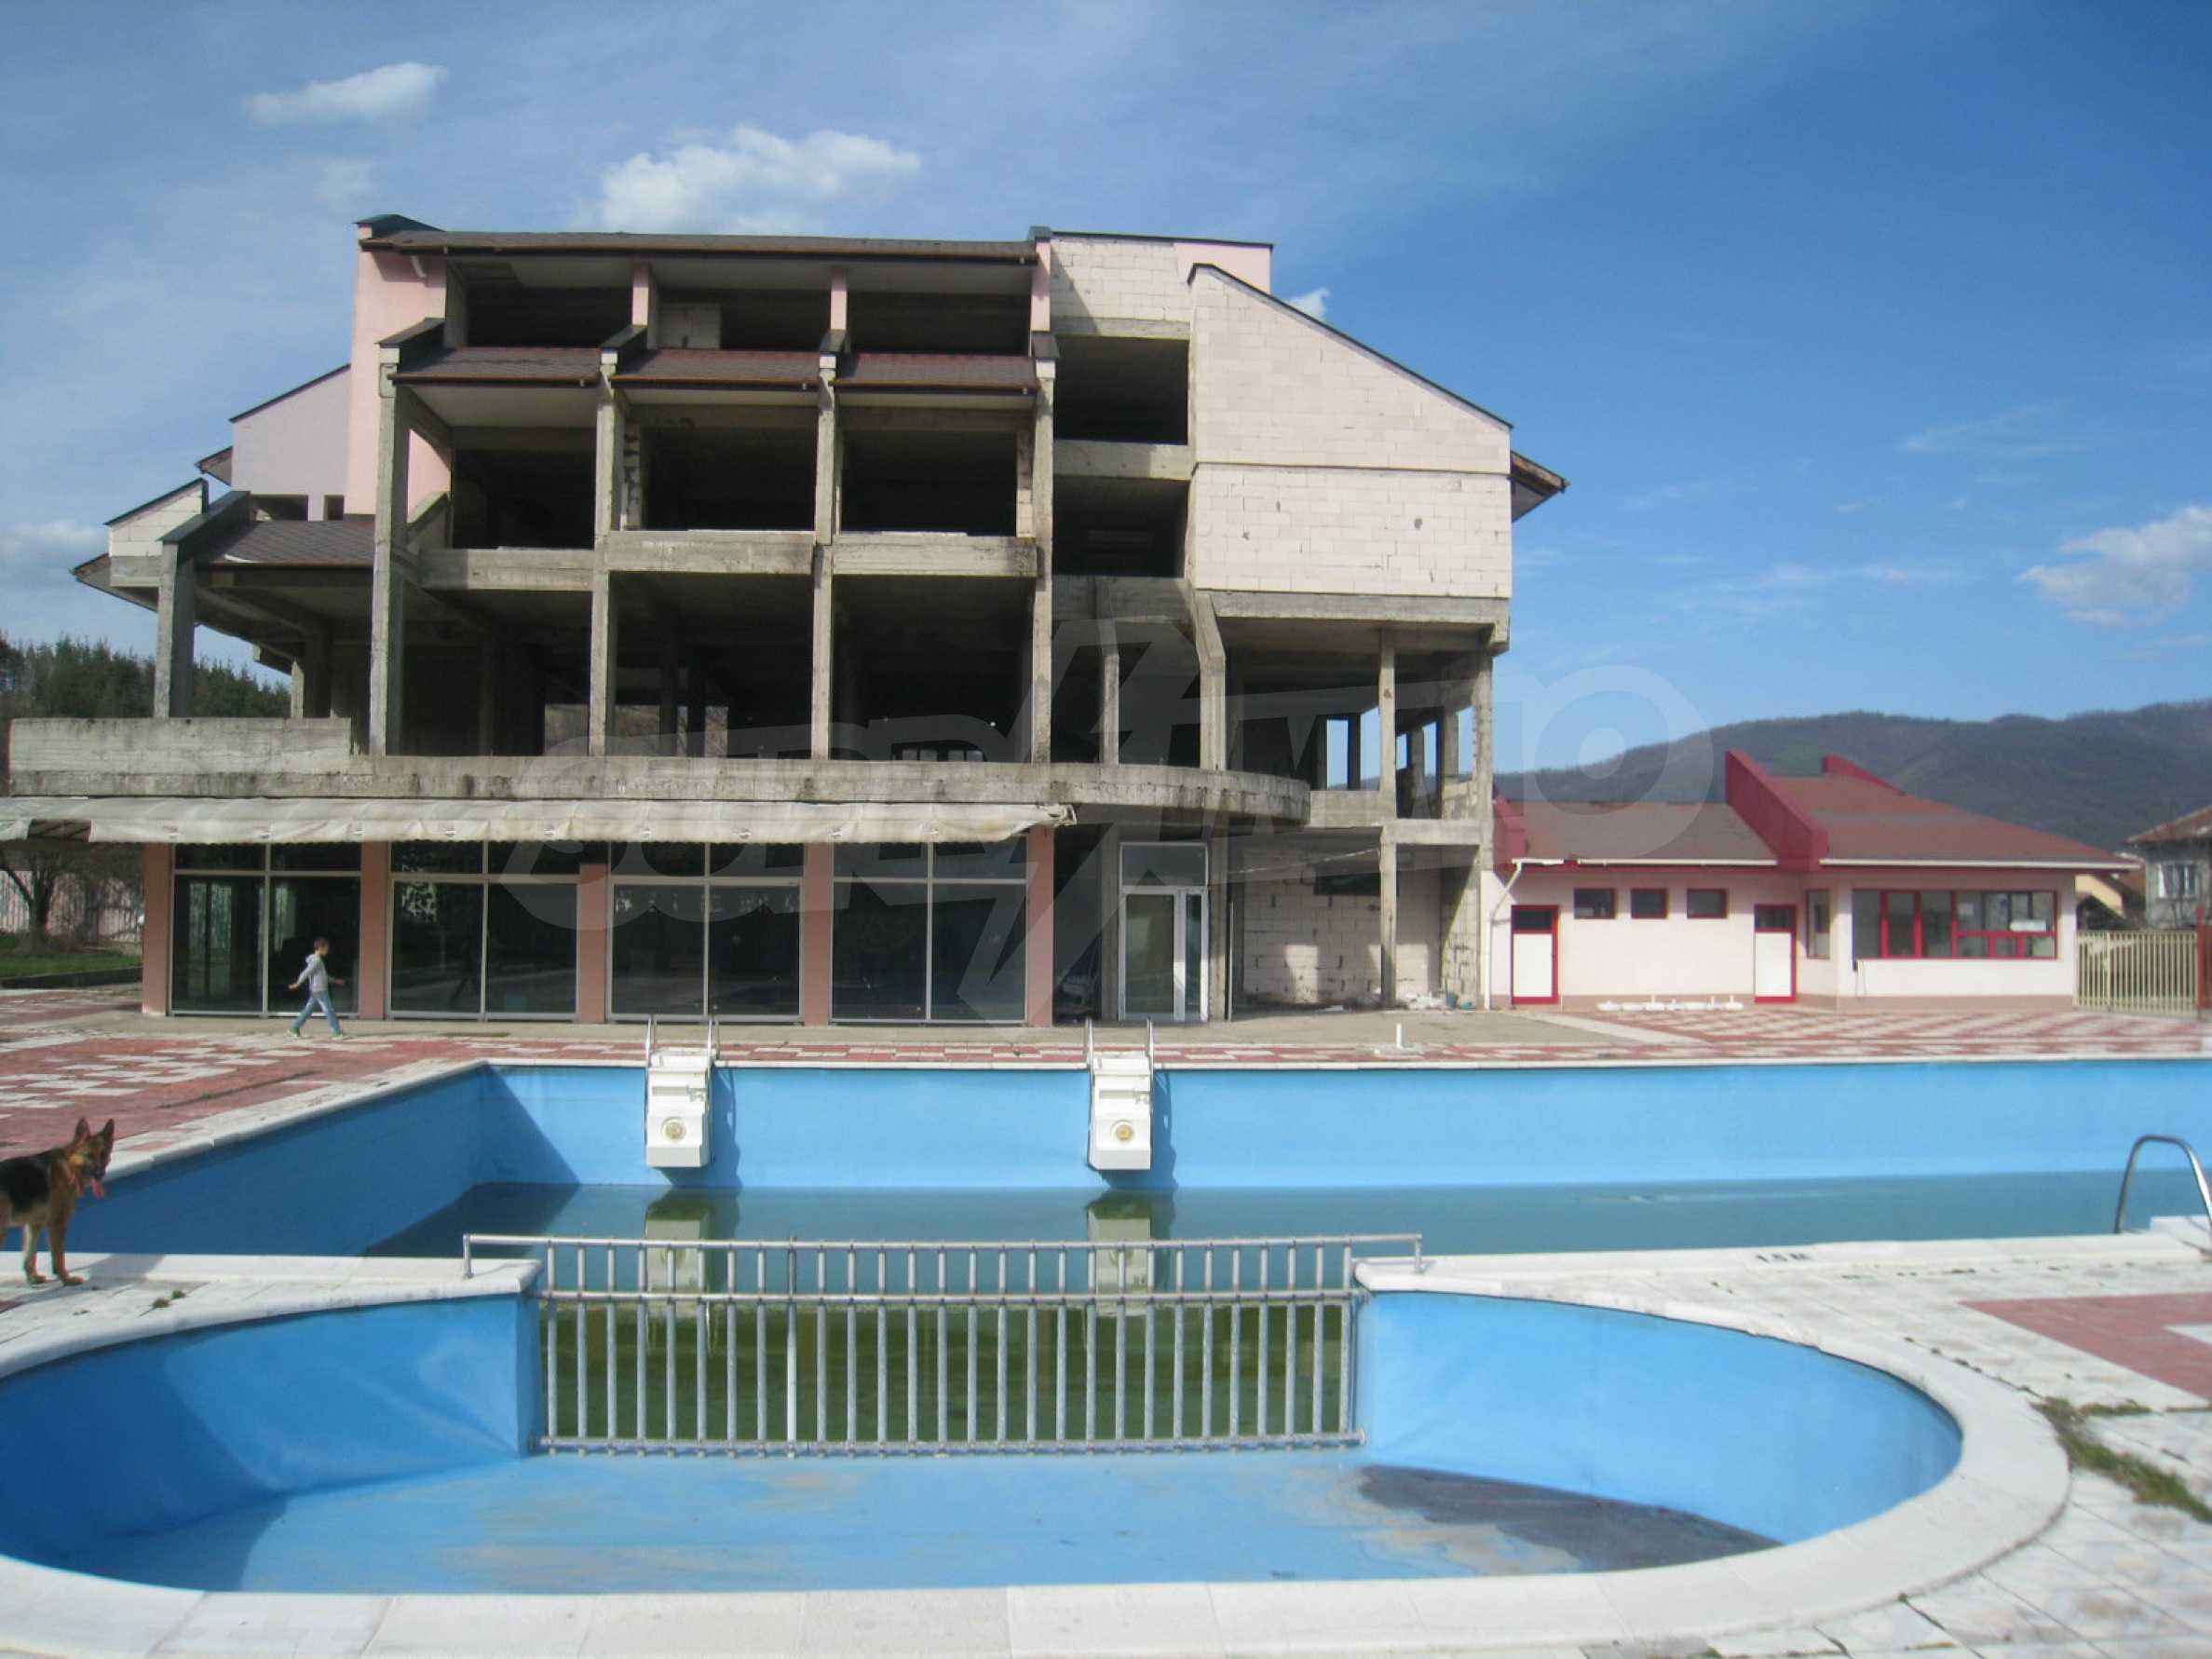 Hotelanlage mit Schwimmbad, Tankstelle und großem Grundstück in Etropole 2